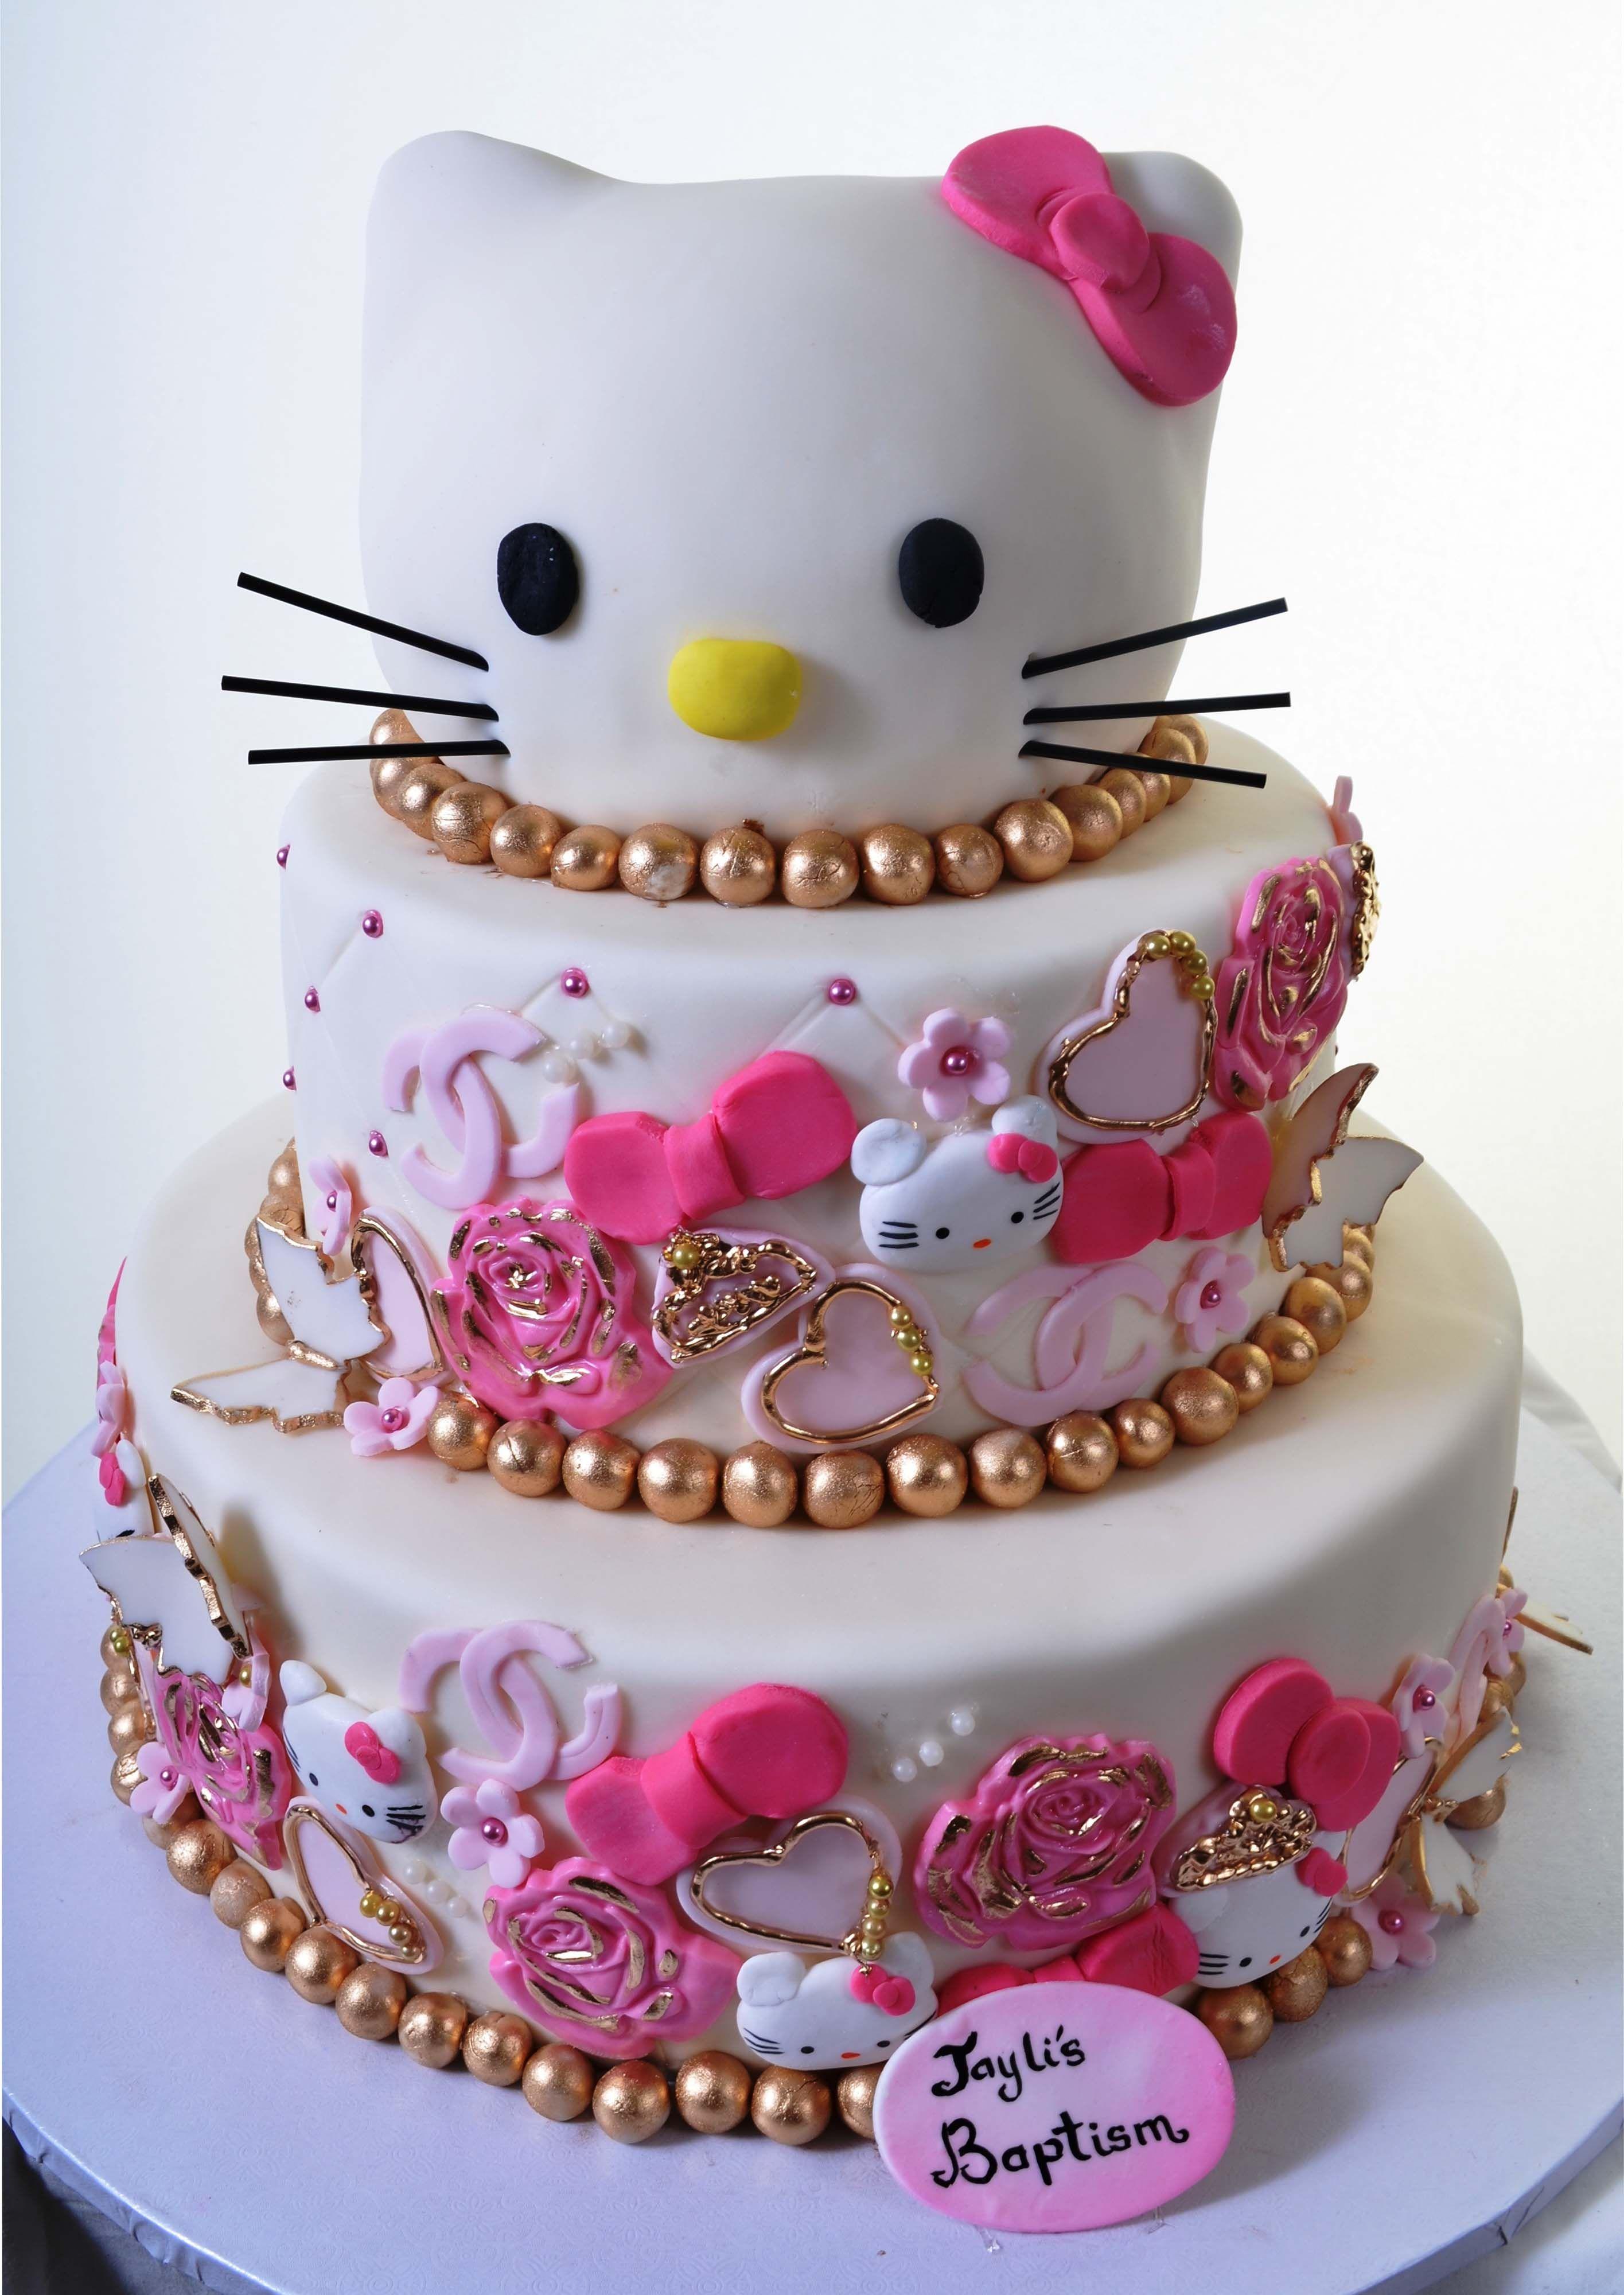 1316 Hello Kitty Galore Hello kitty Kitten and Cake